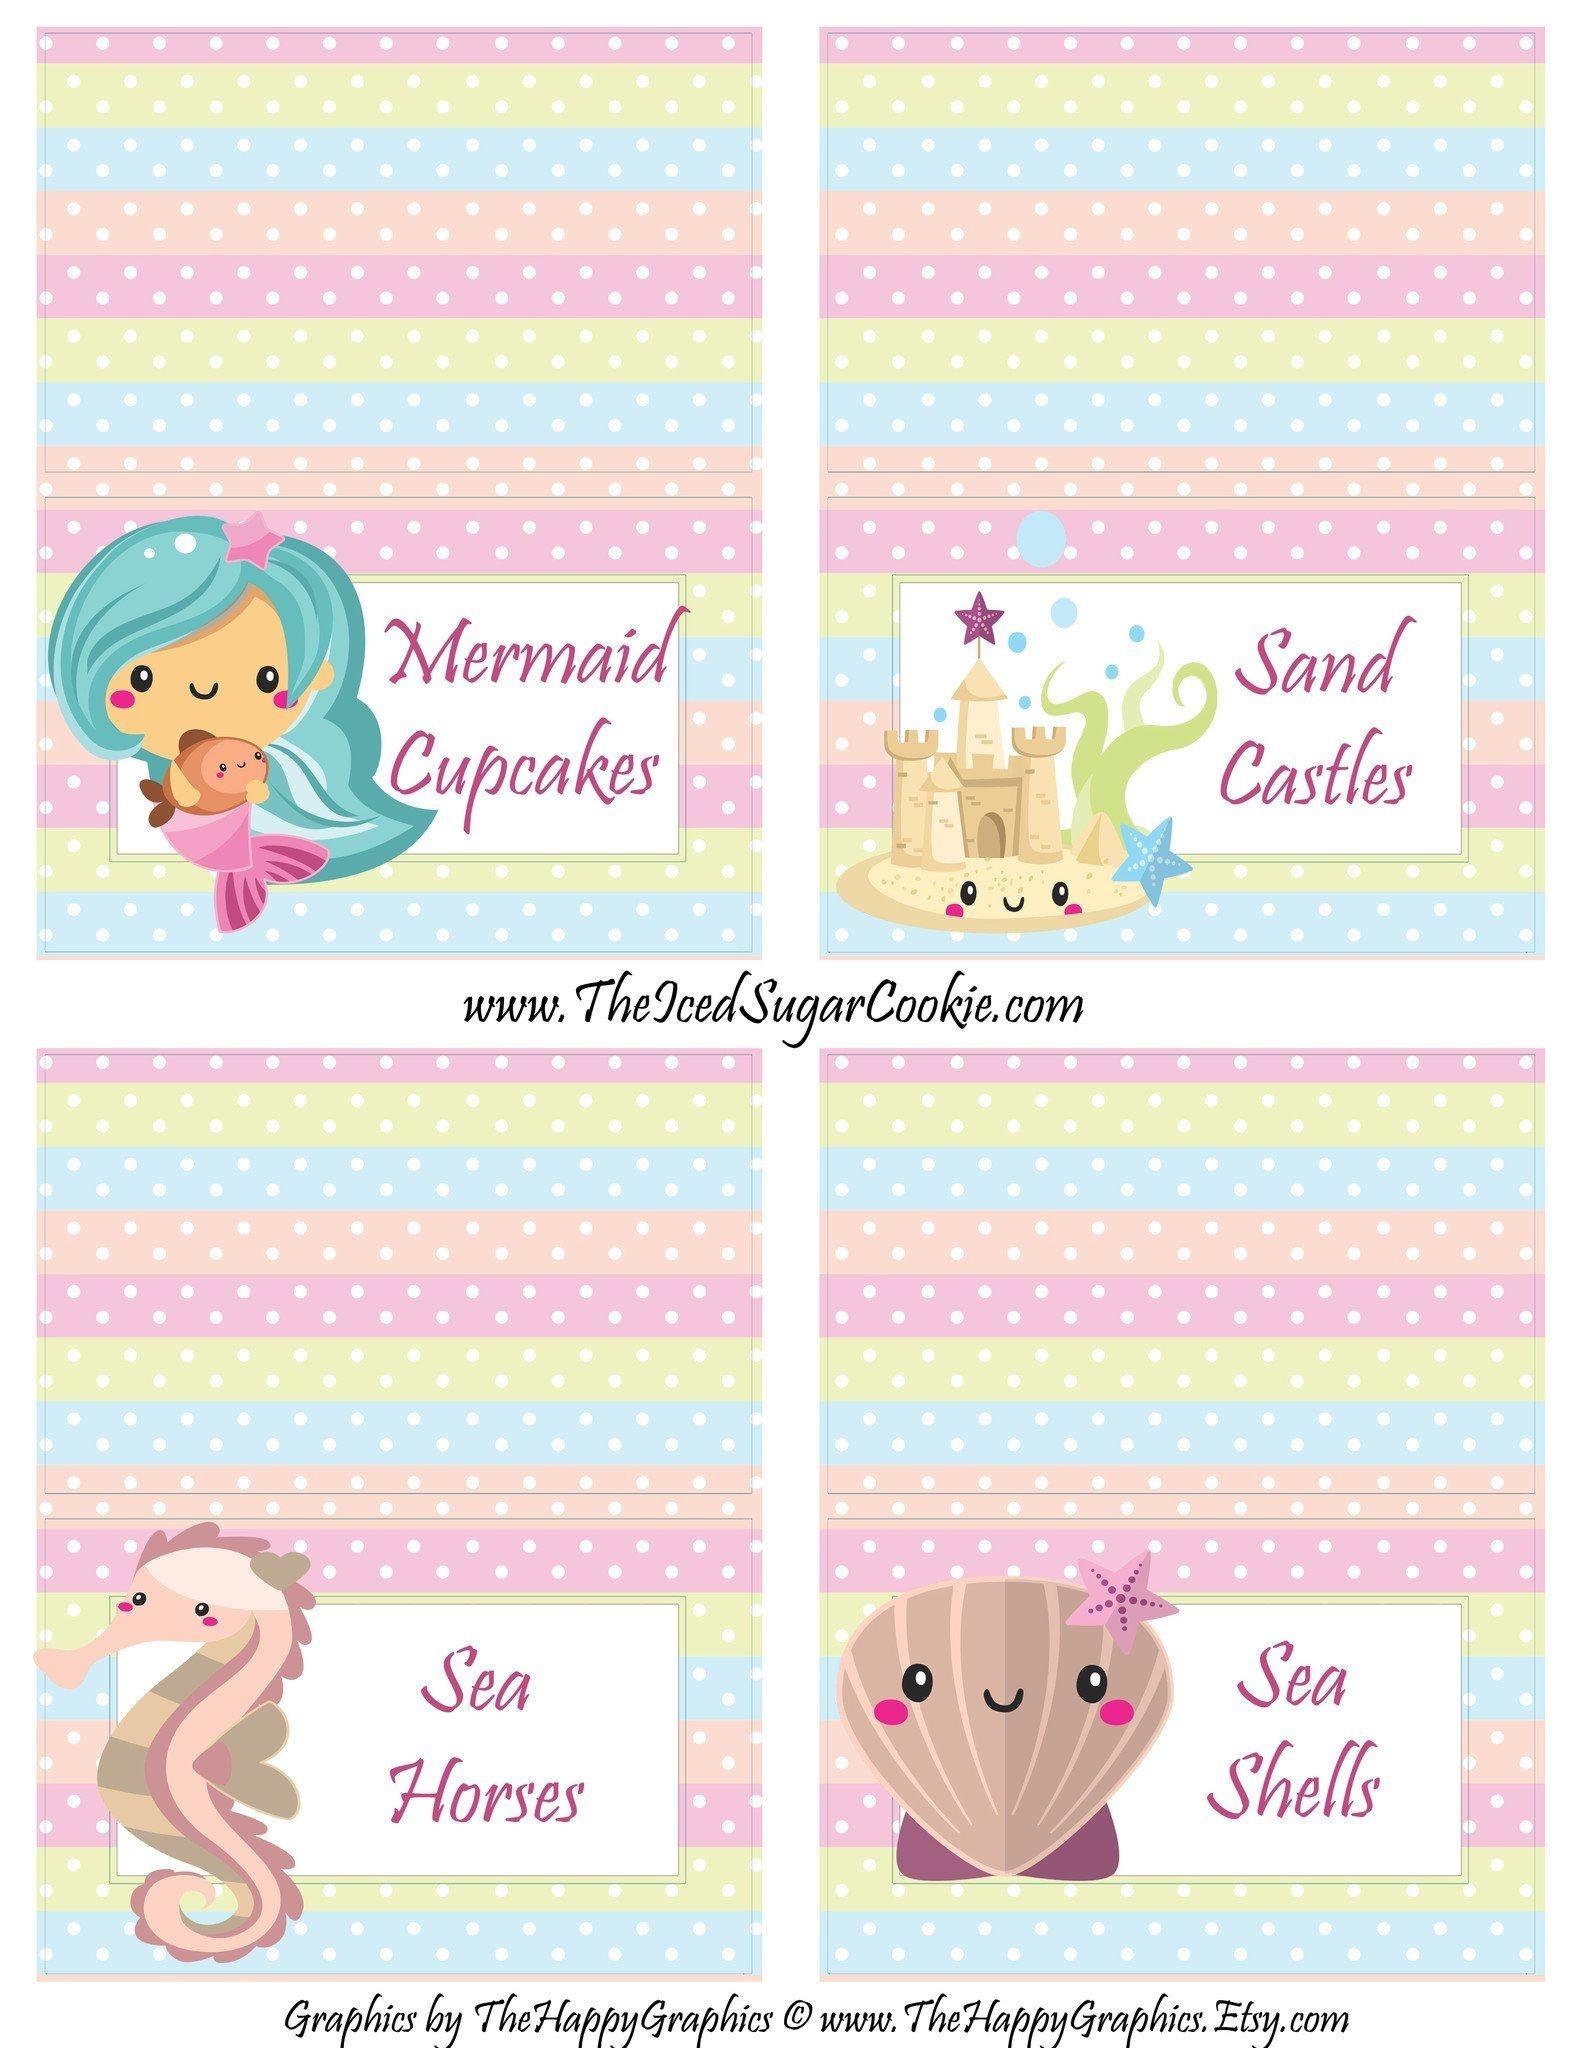 Mermaid Birthday Party Printables | Digital Download | First - Free Printable Mermaid Cupcake Toppers